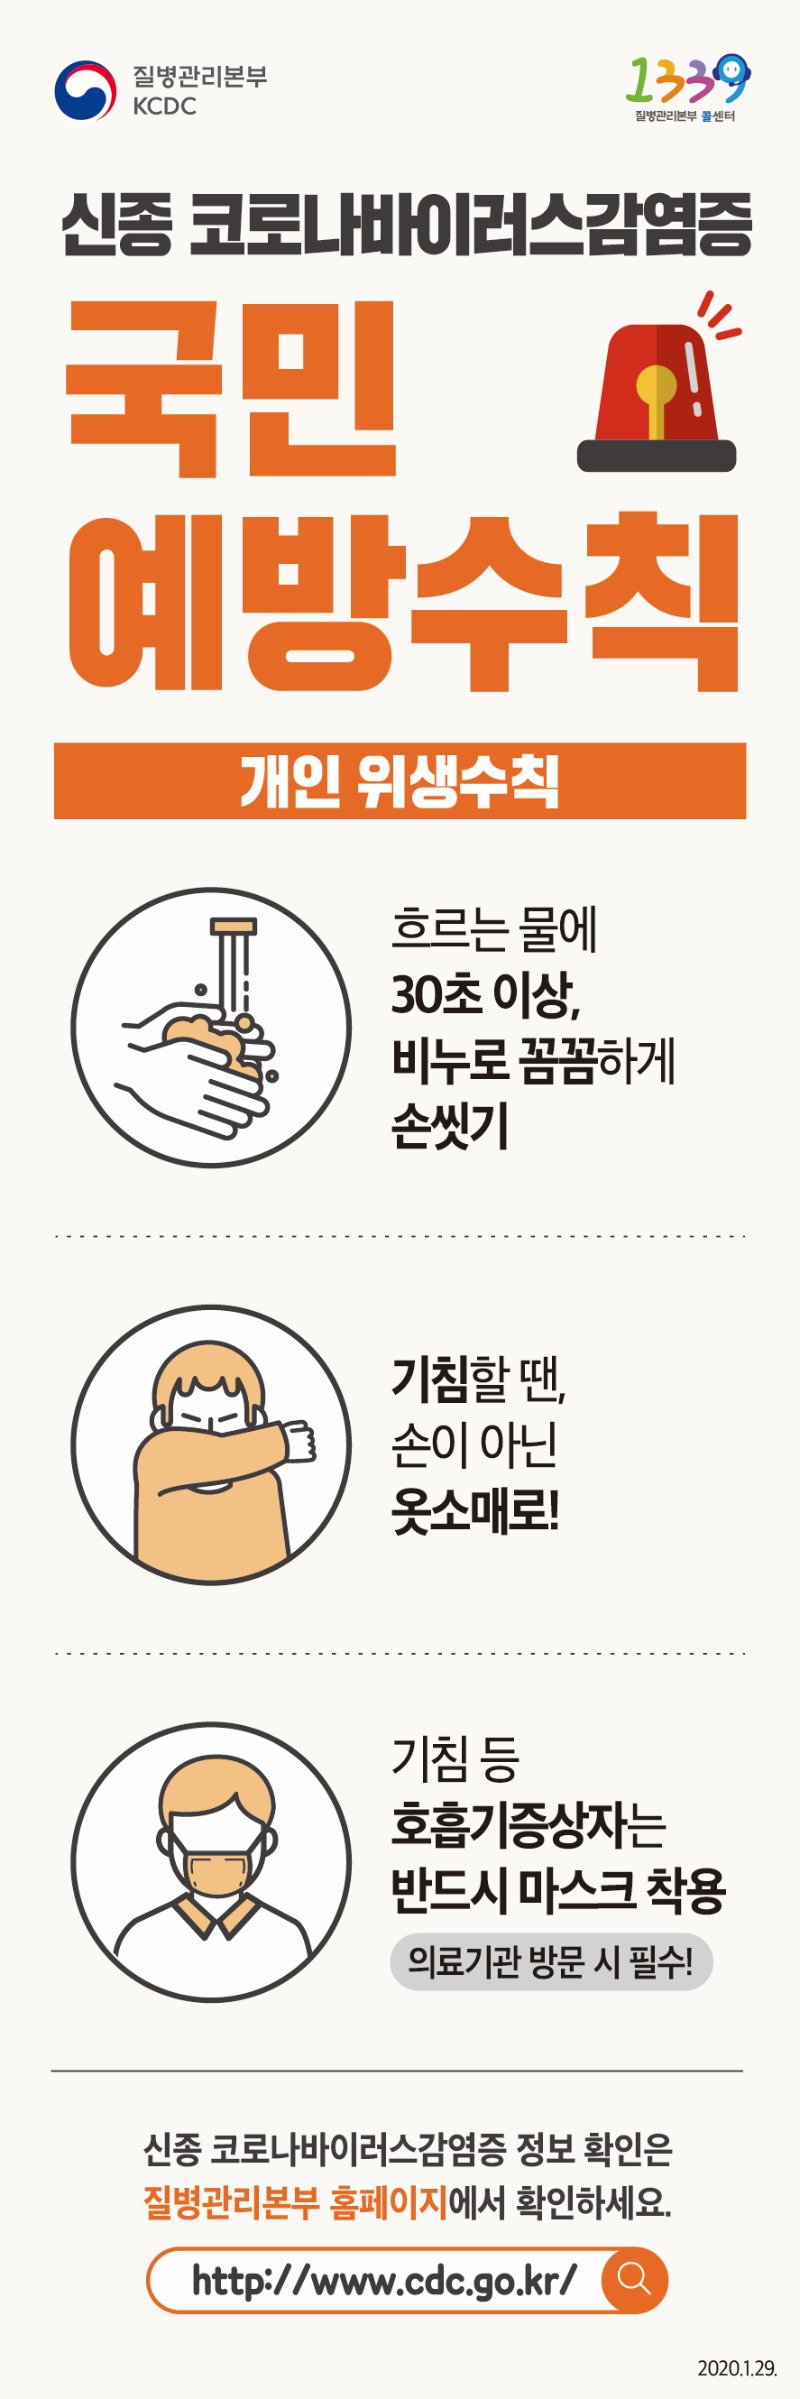 0129 X배너용_신종 코로나바이러스감염증 국민예방수칙(개인위생)_국문.jpg